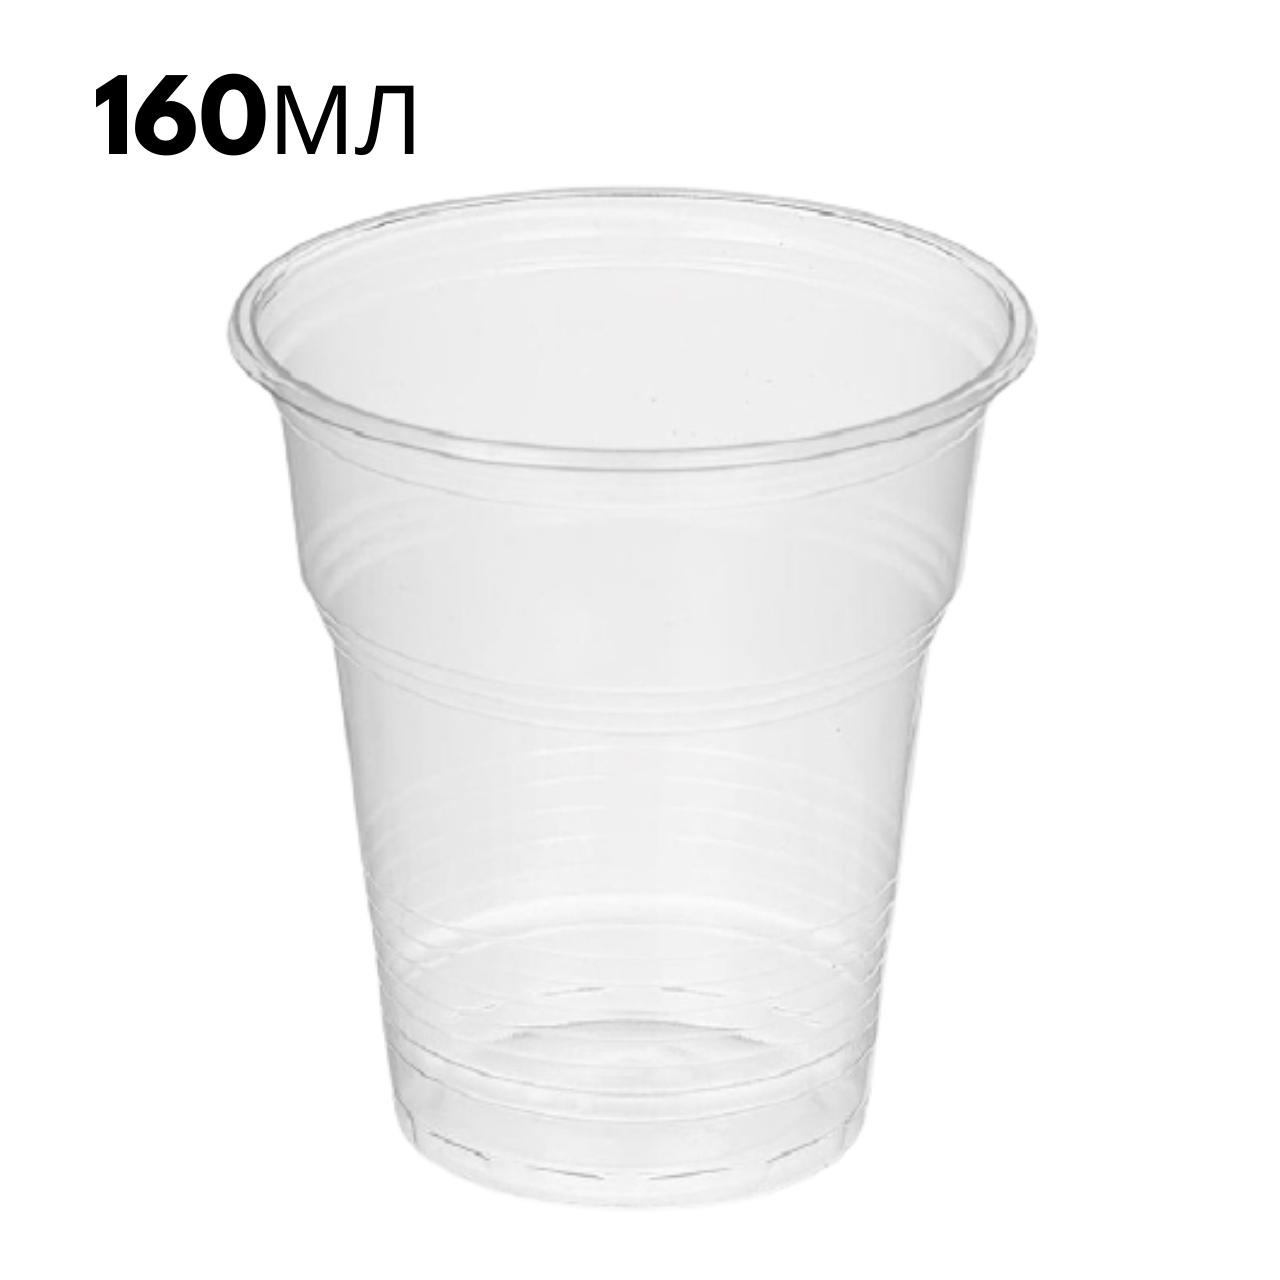 Пластиковый стакан одноразовый 160 мл, Аркапласт, 100 шт/пач